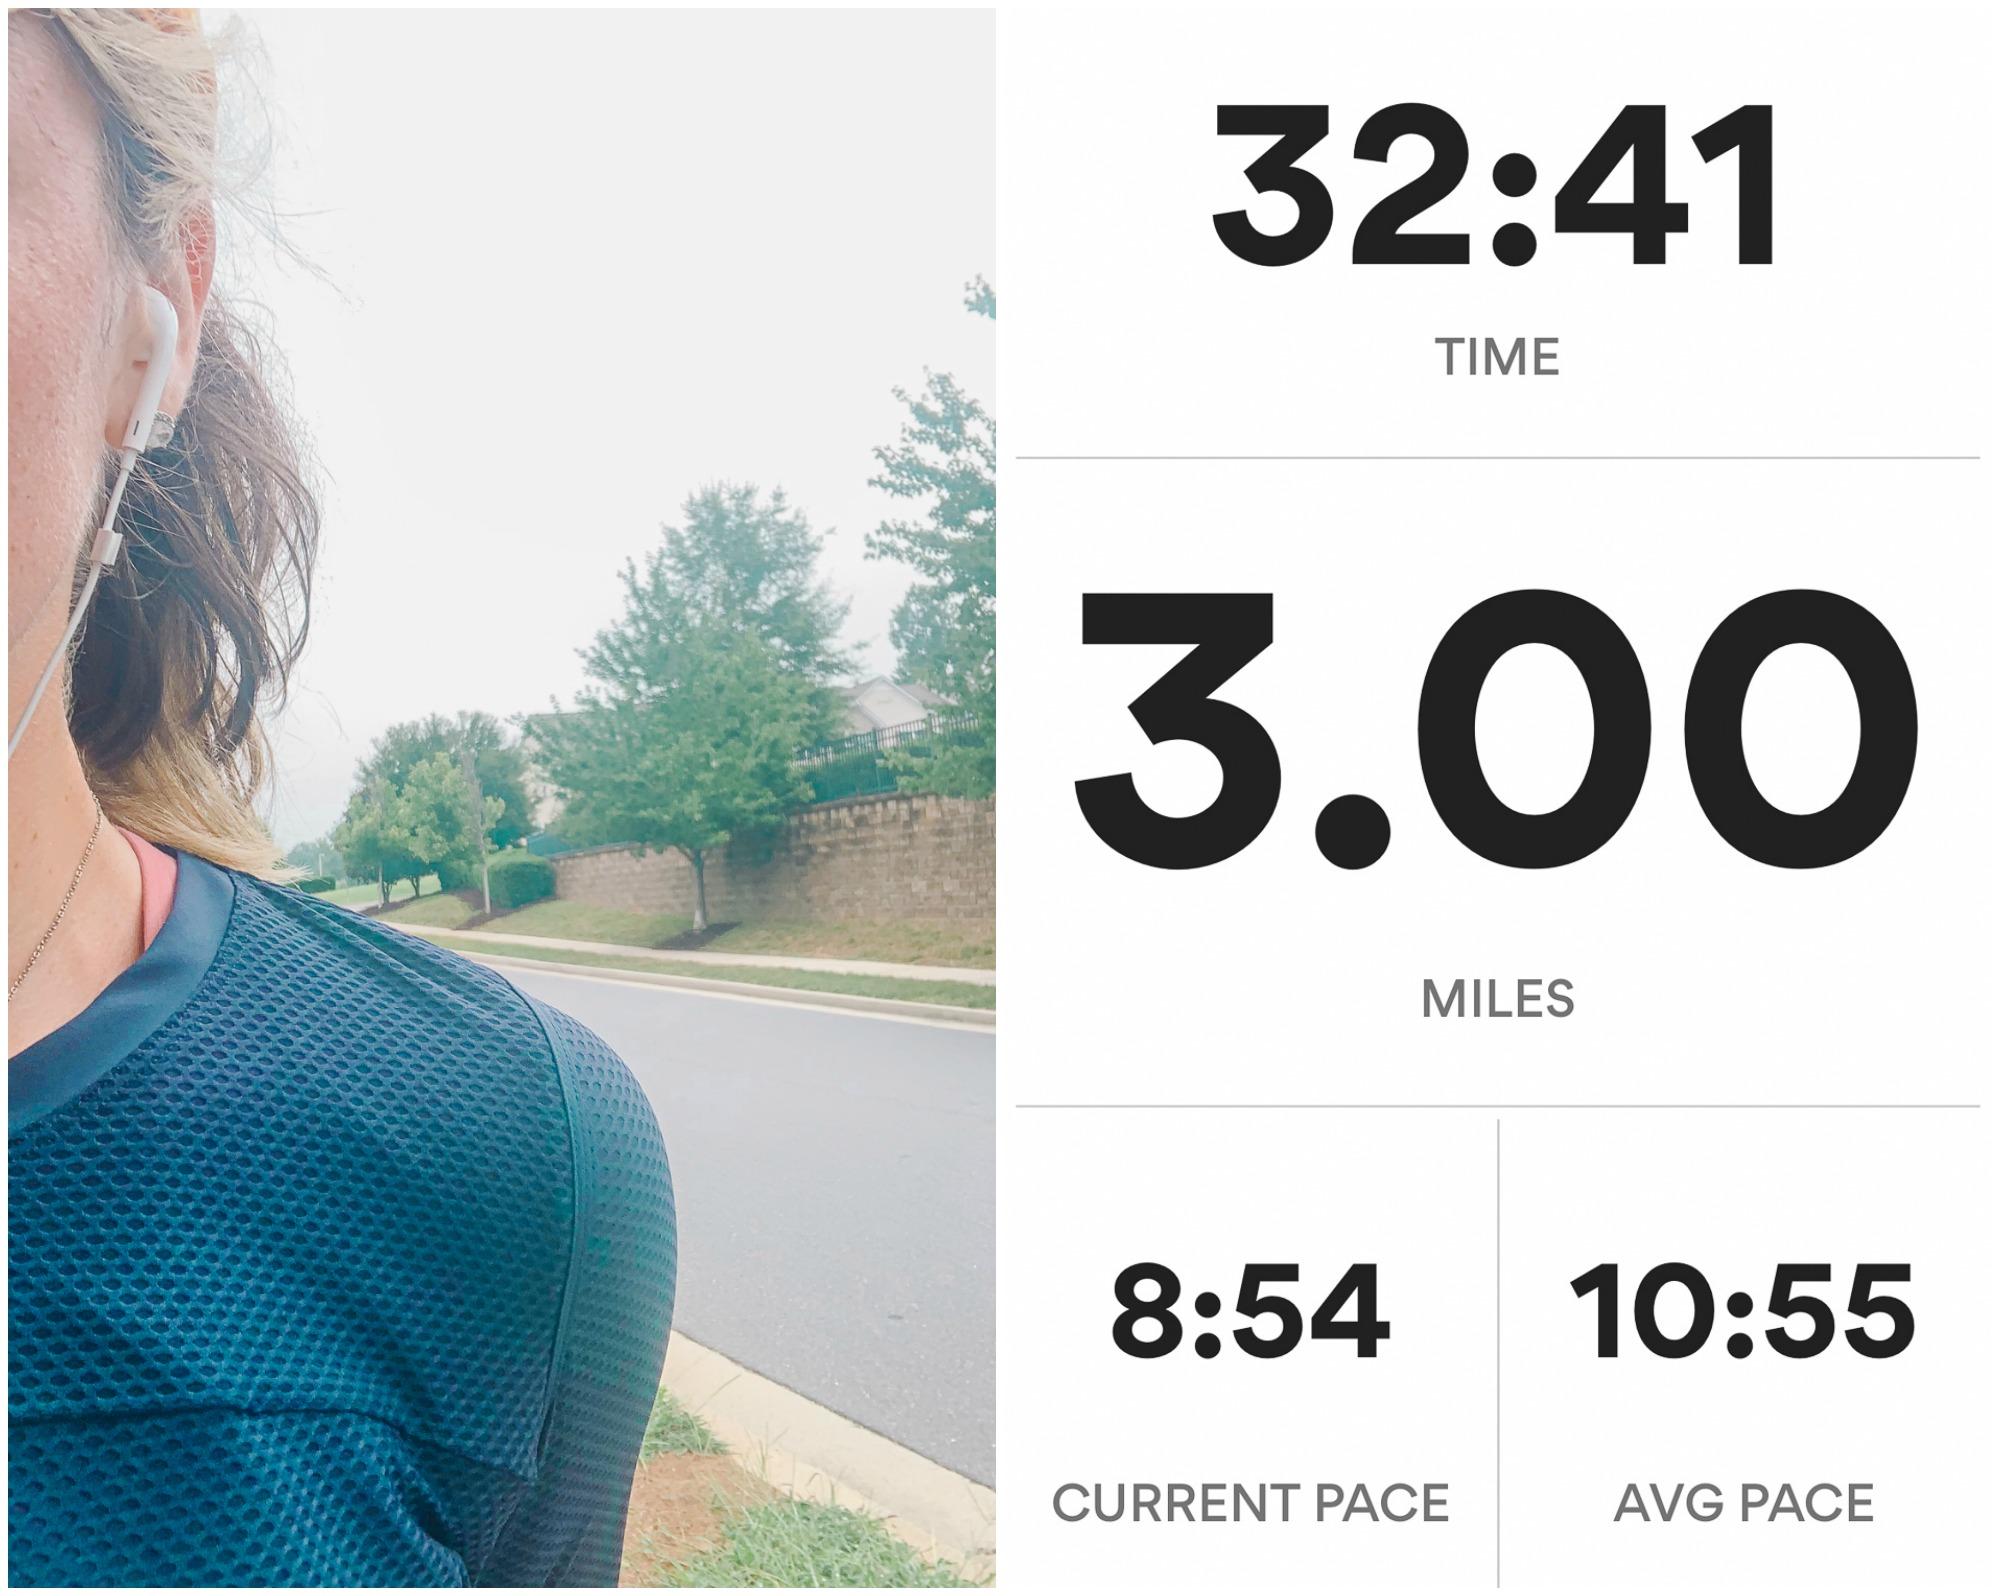 running fitness 5k summer weight loss be Healthy run weight burn It running training three miles simply taralynn running plan